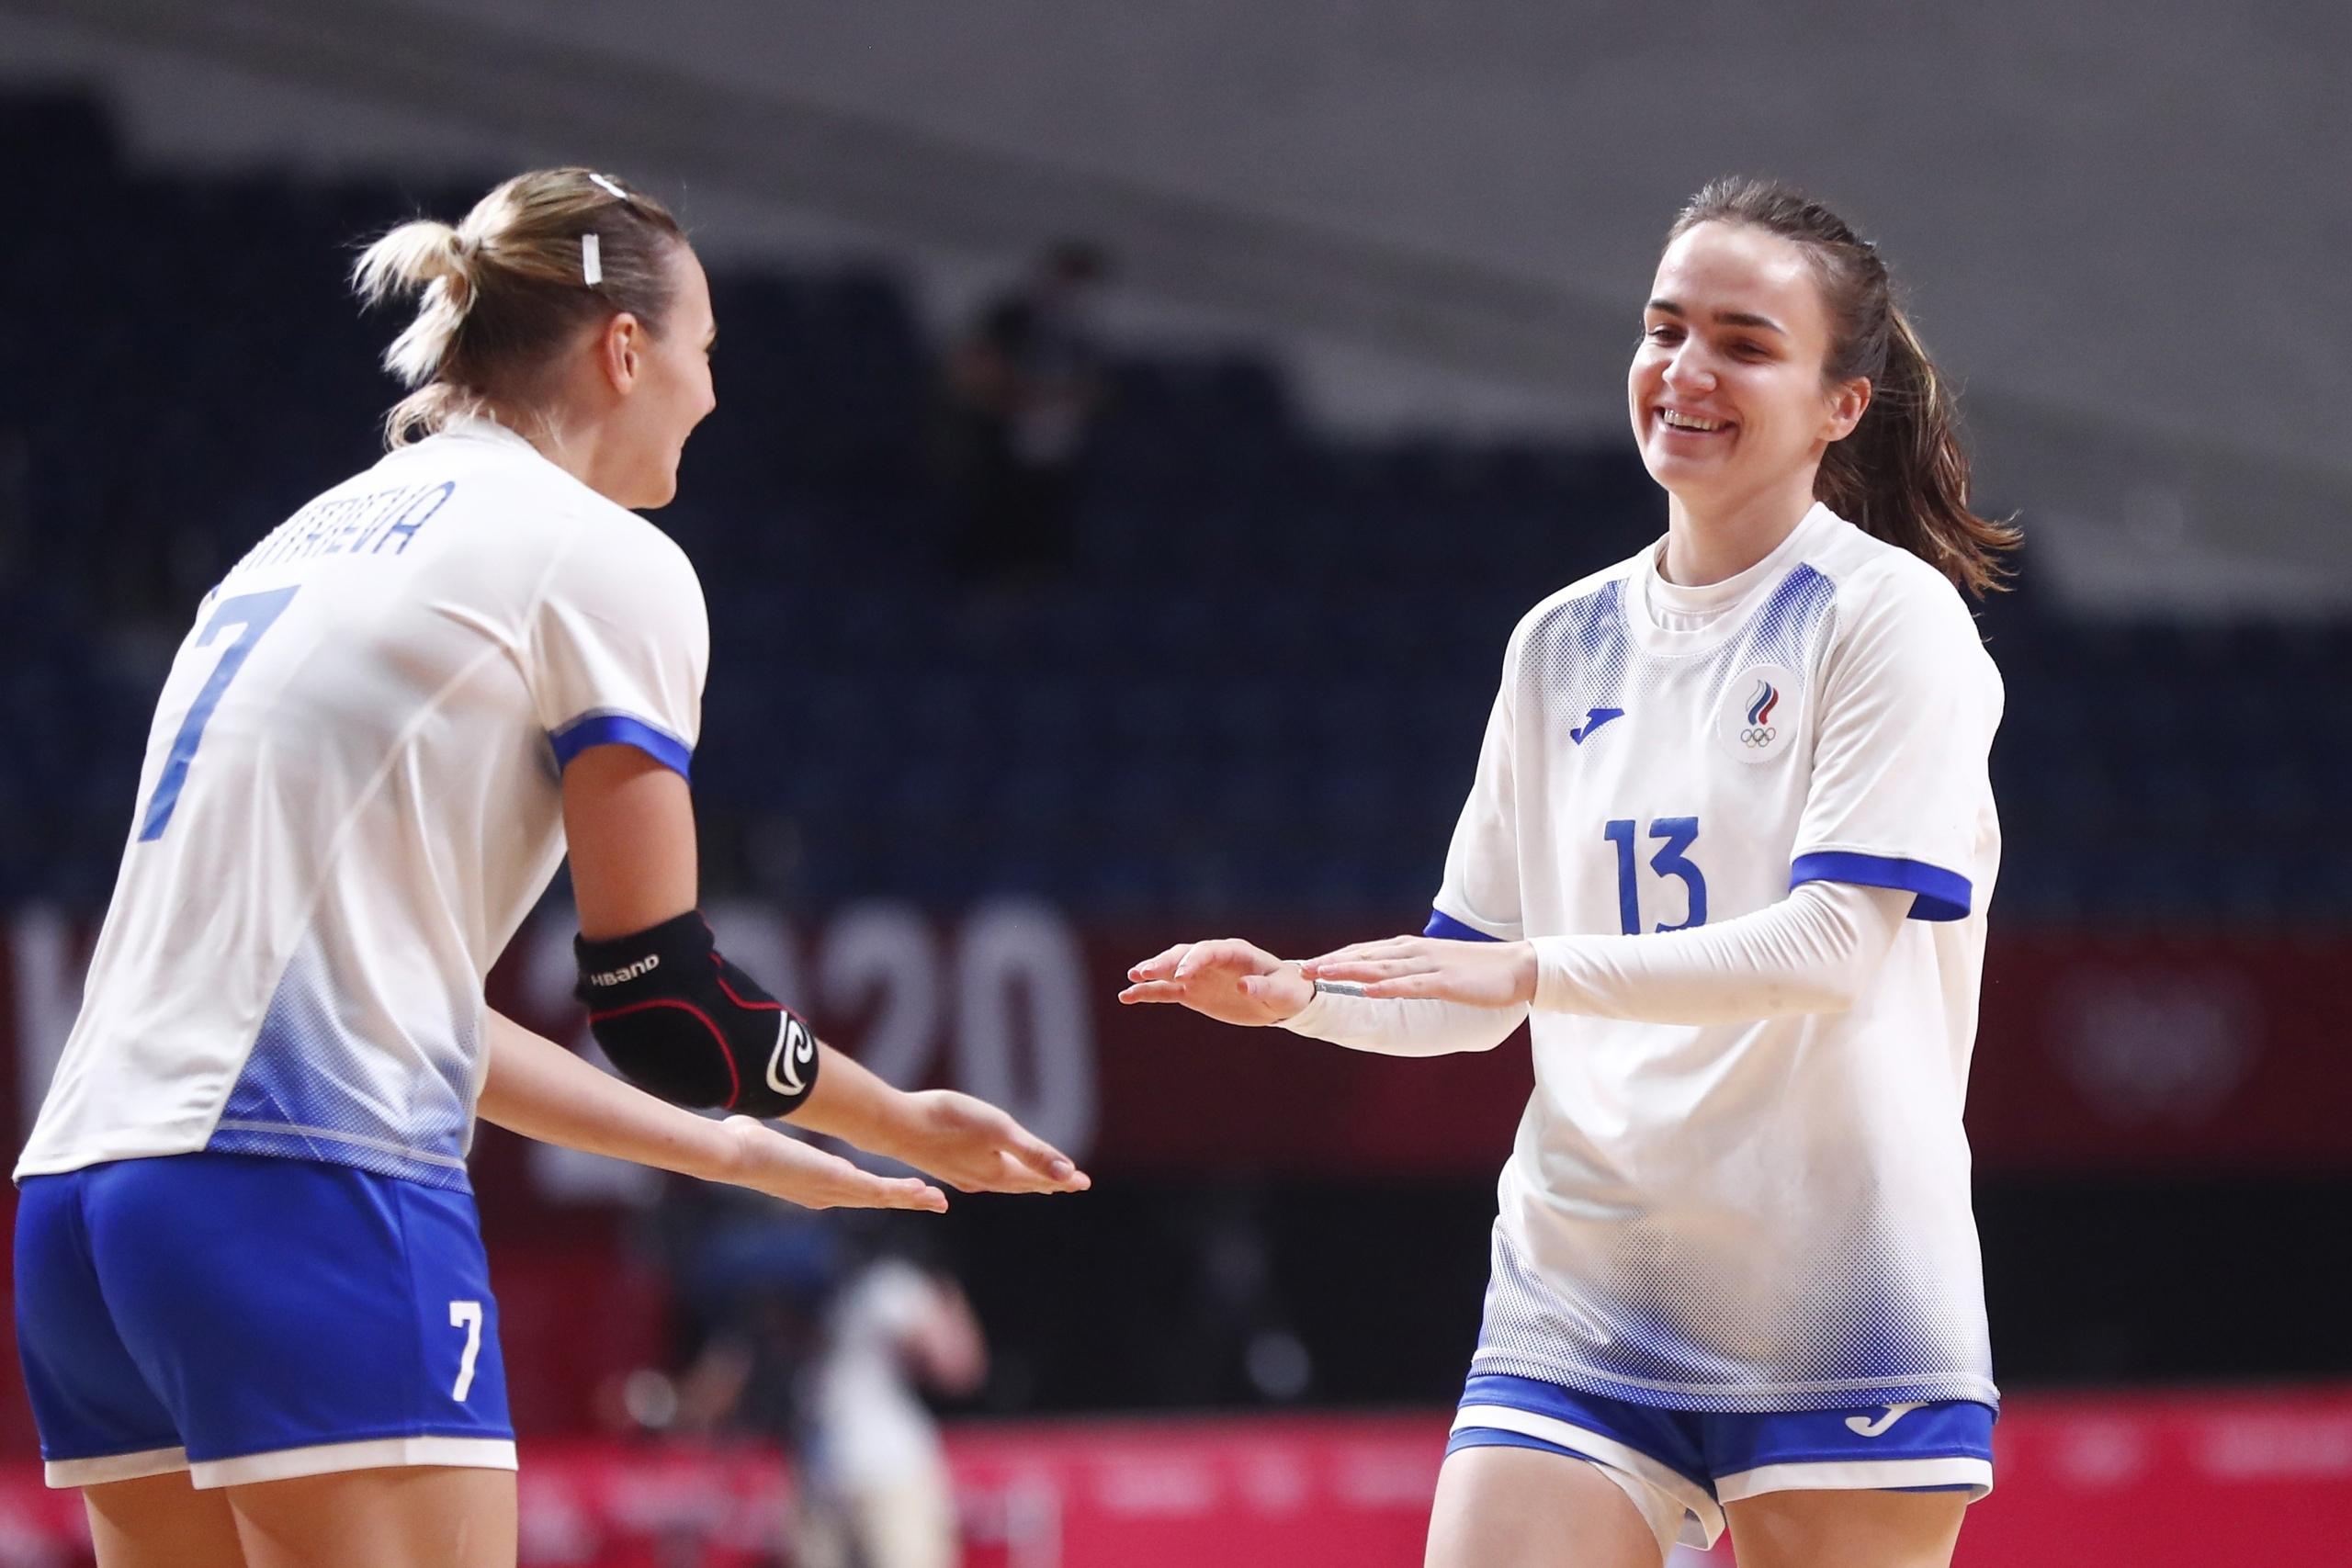 Усталость — не радость. Сколько матчей к 26 годам провели Анна Вяхирева и Дарья Дмитриева?, изображение №10